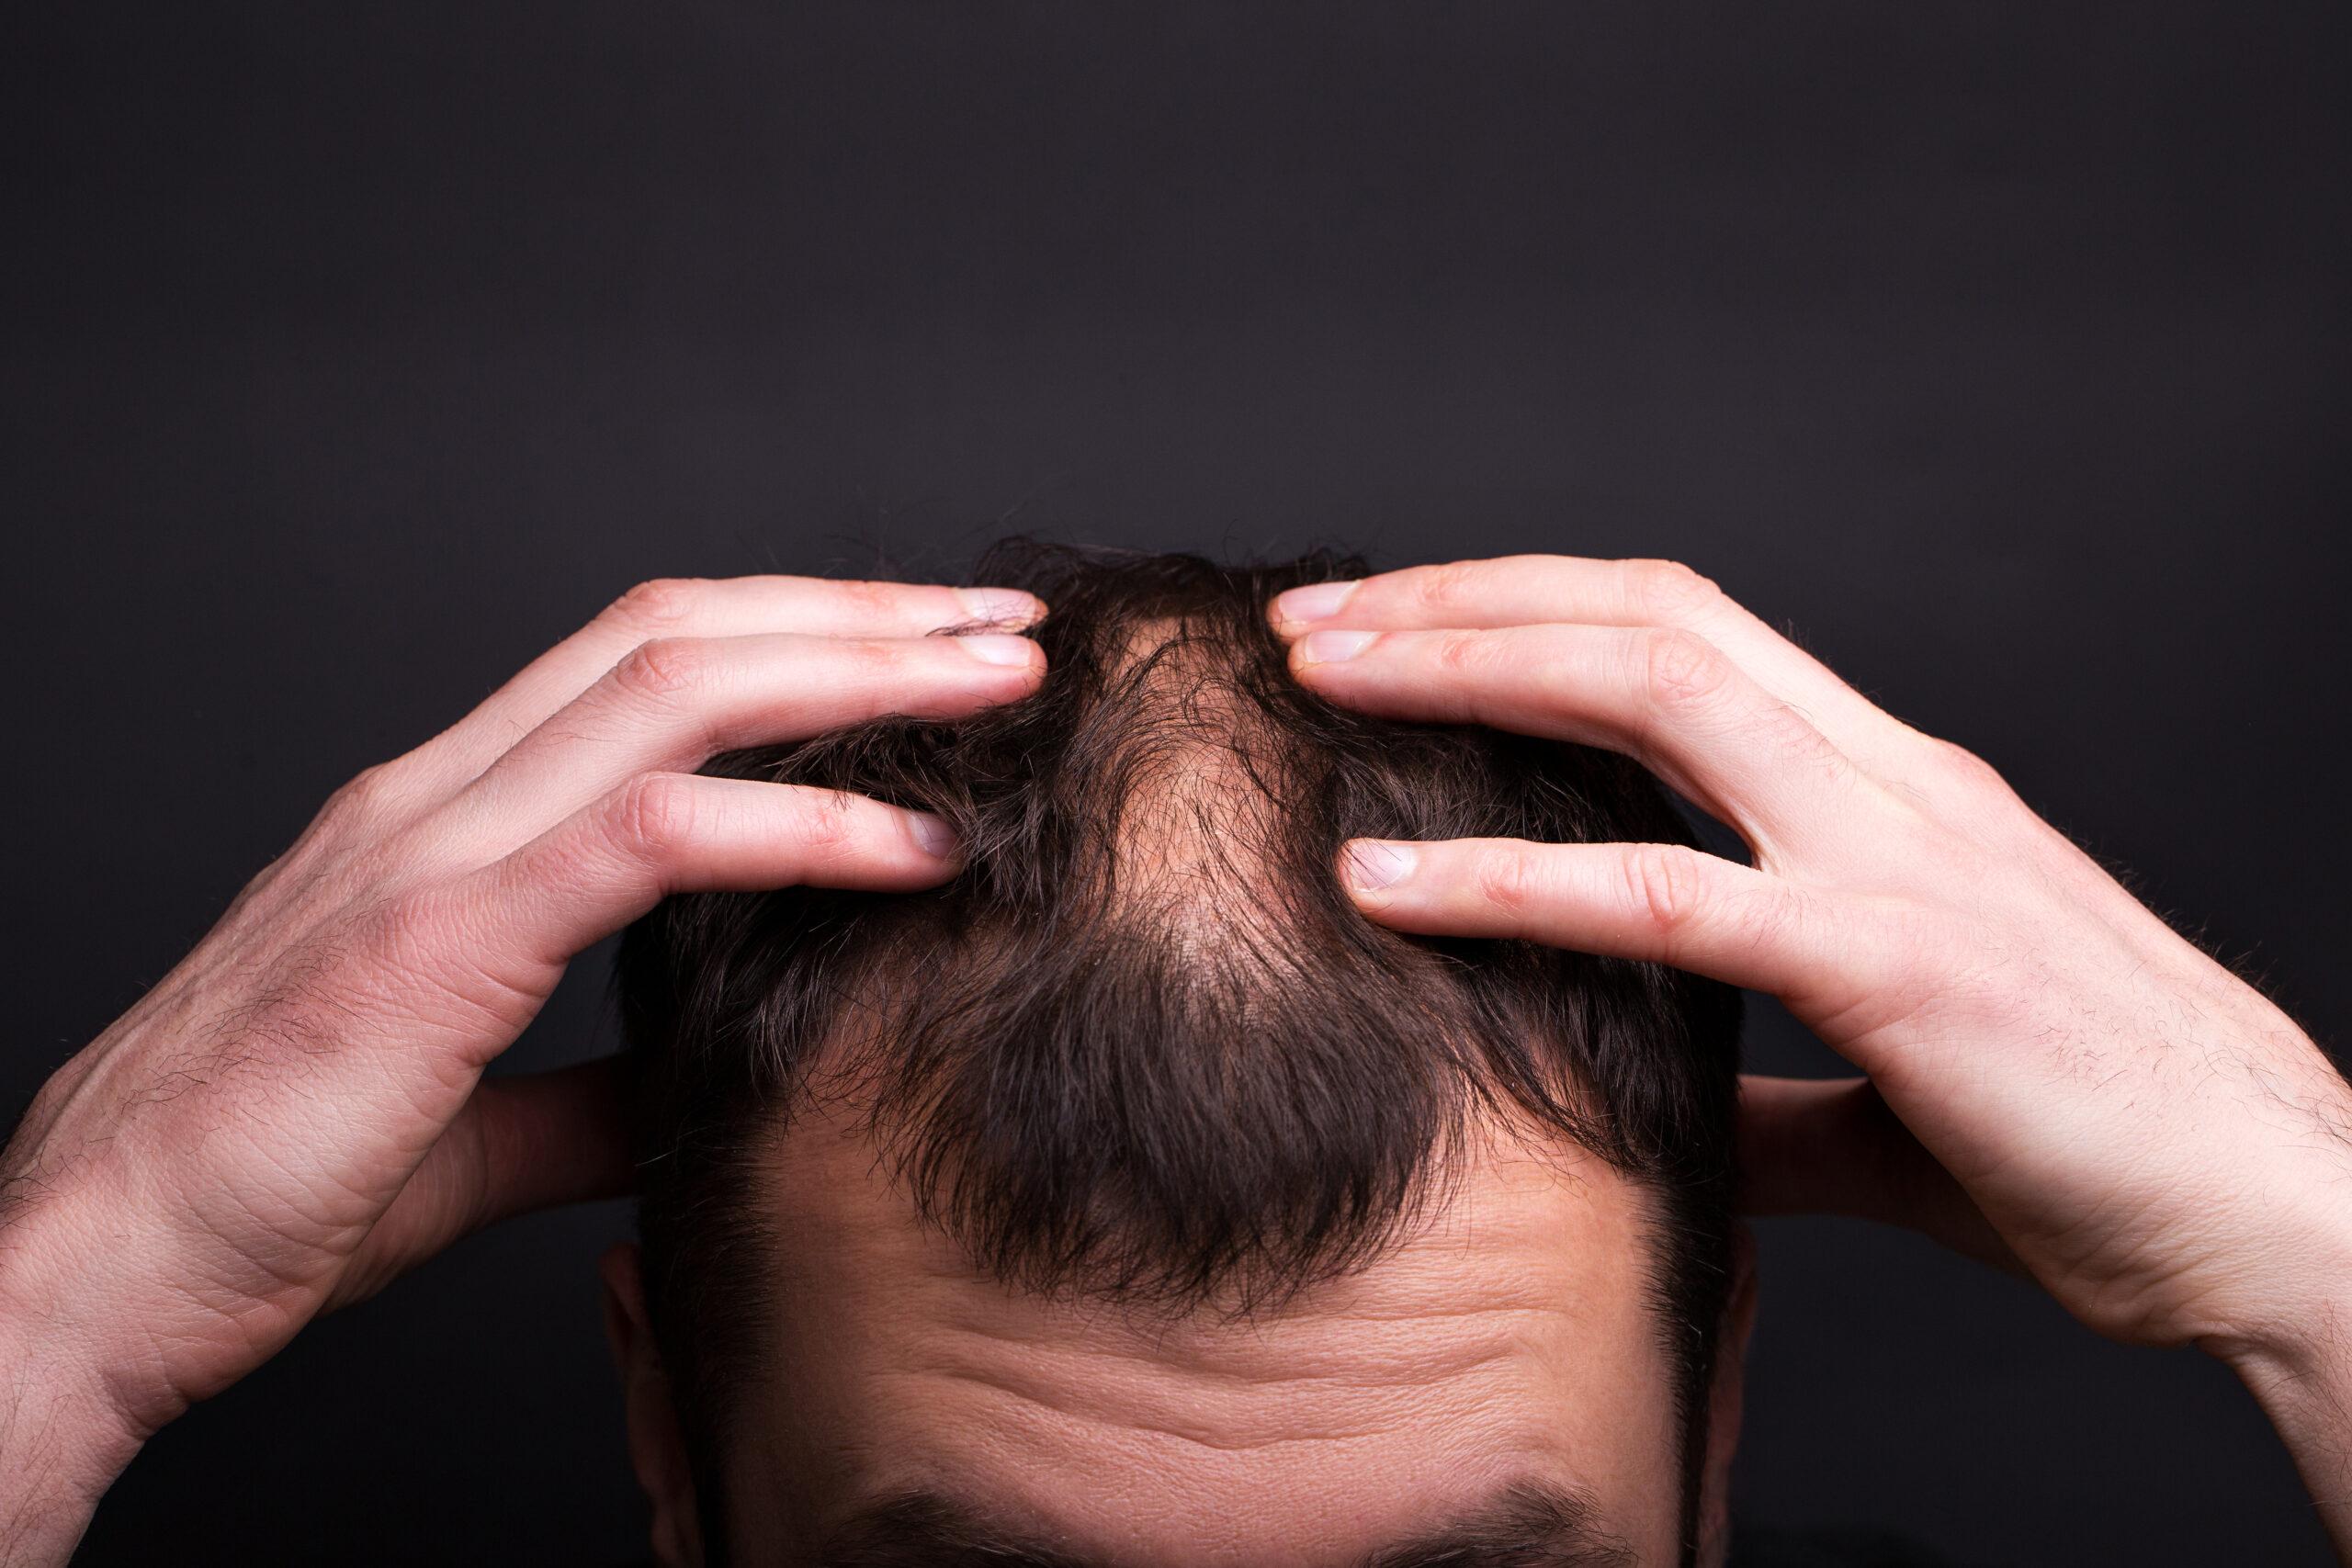 Männer, die zu viel arbeiten, bekommen eine Glatze